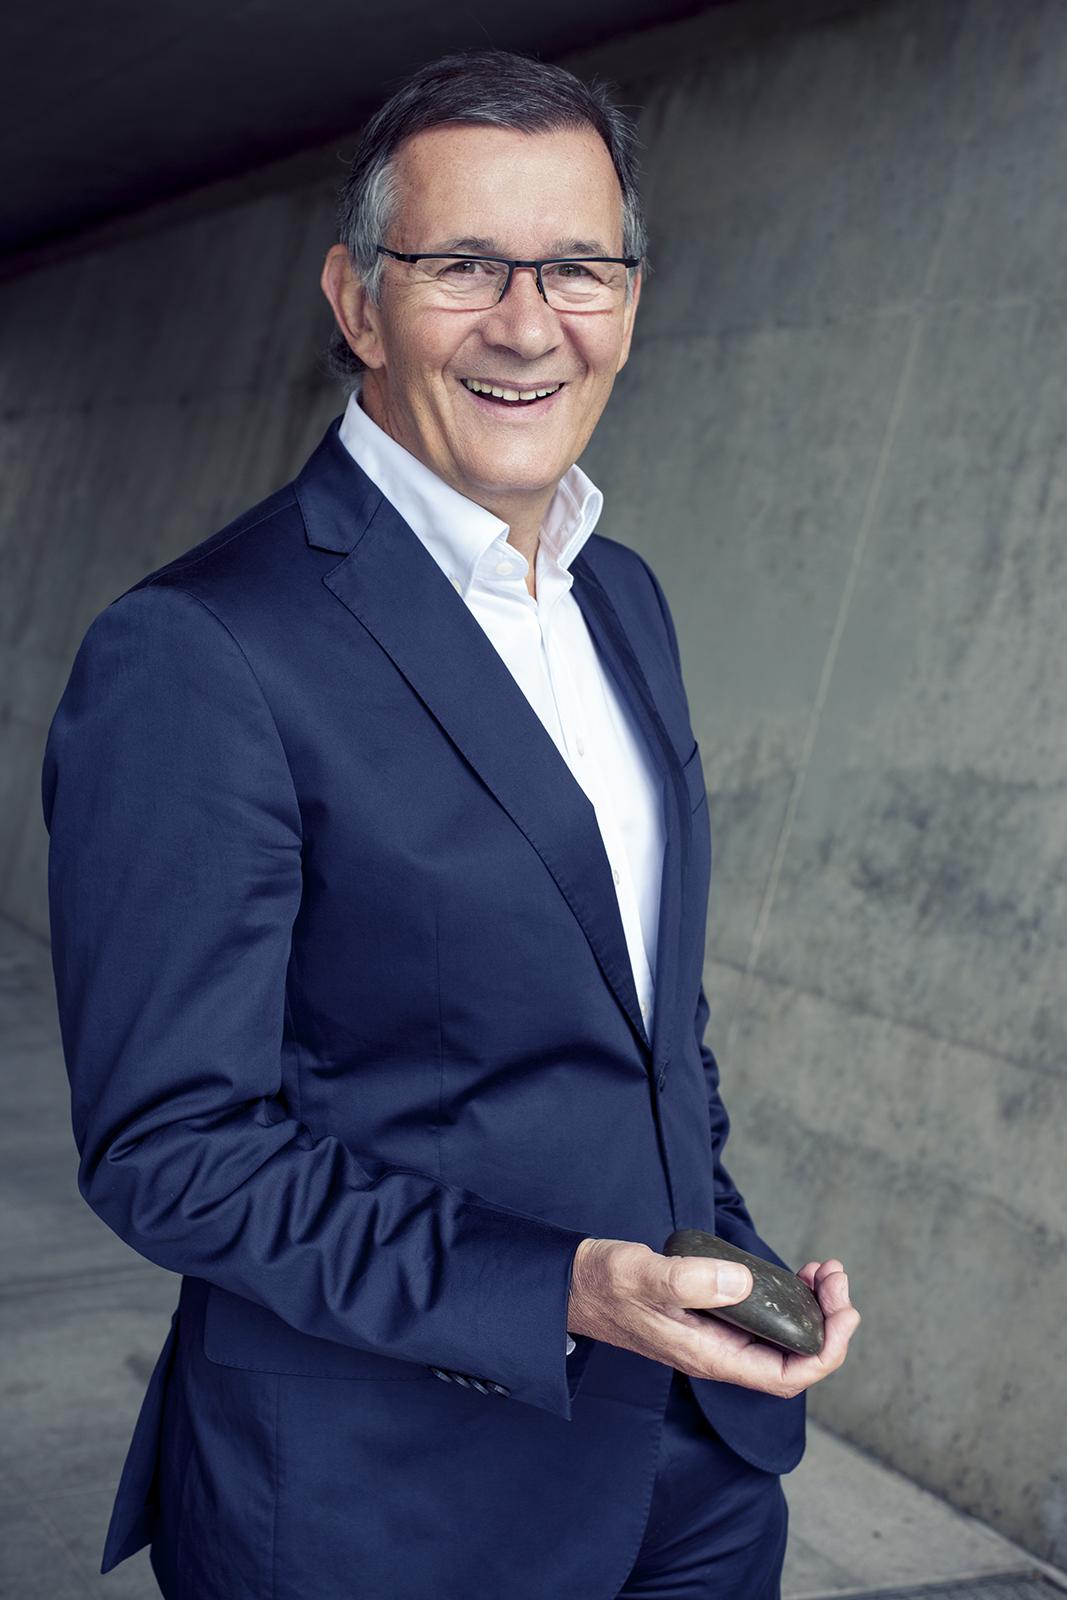 Dr. Frank Stein